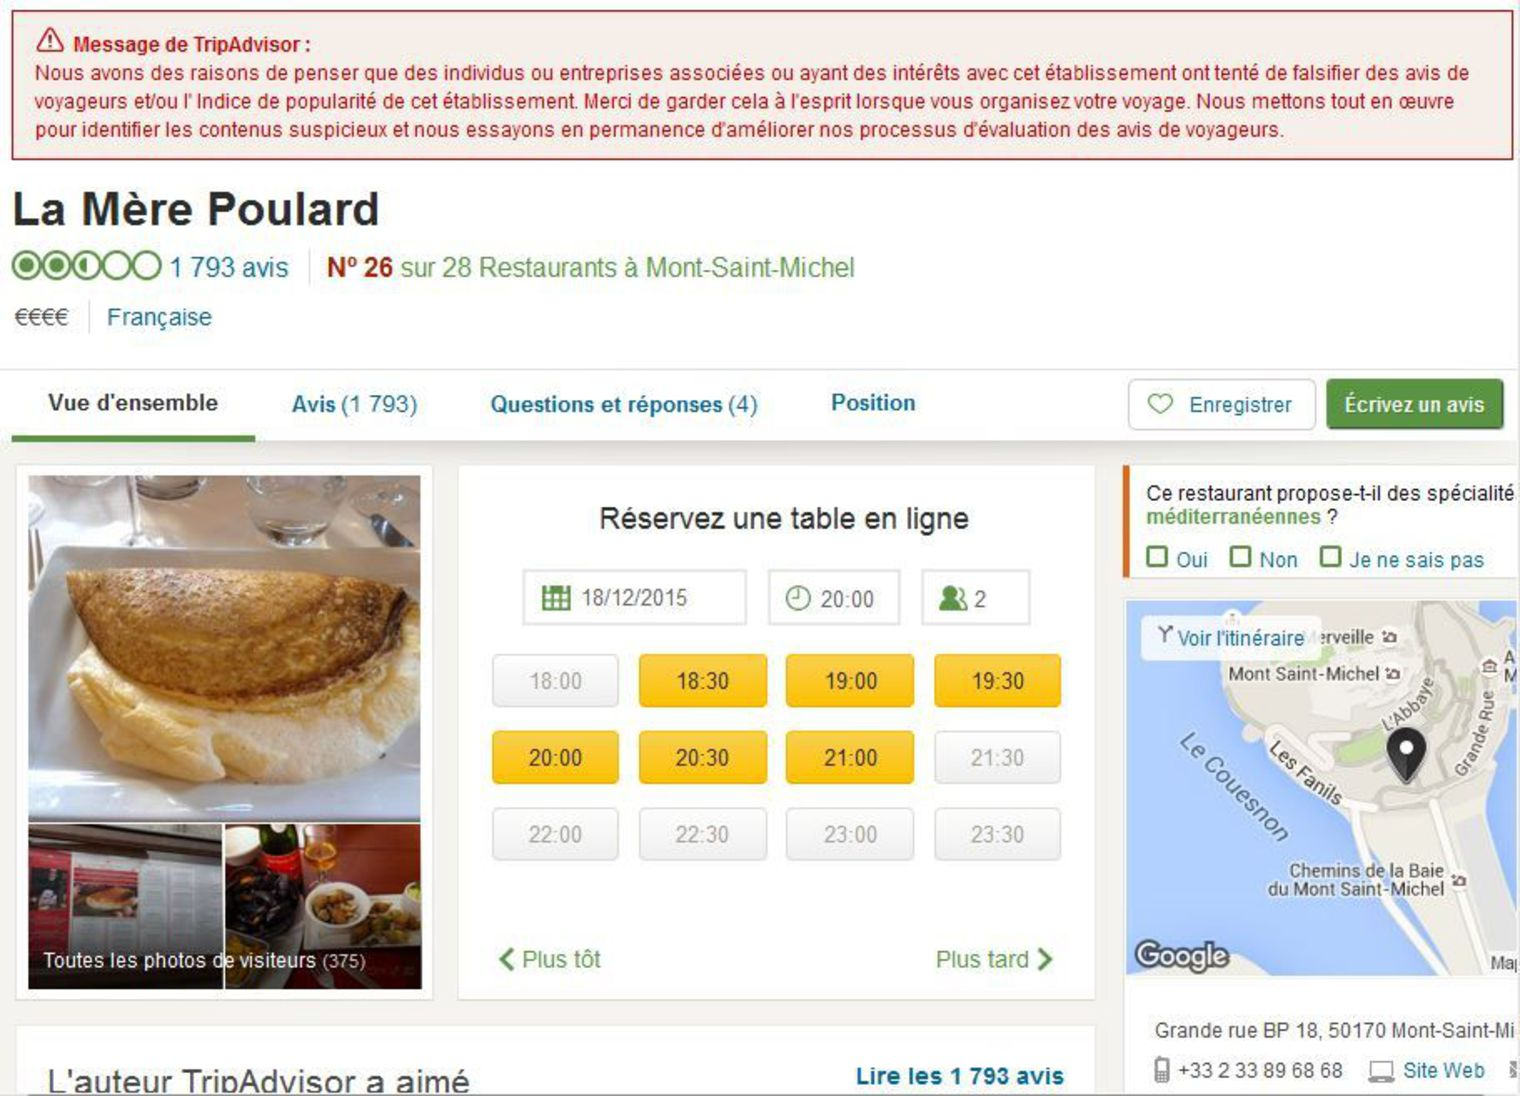 l-avertissement-de-tripadvisor-sur-la-page-du-restaurant-la-mere-poulard-1_5486000